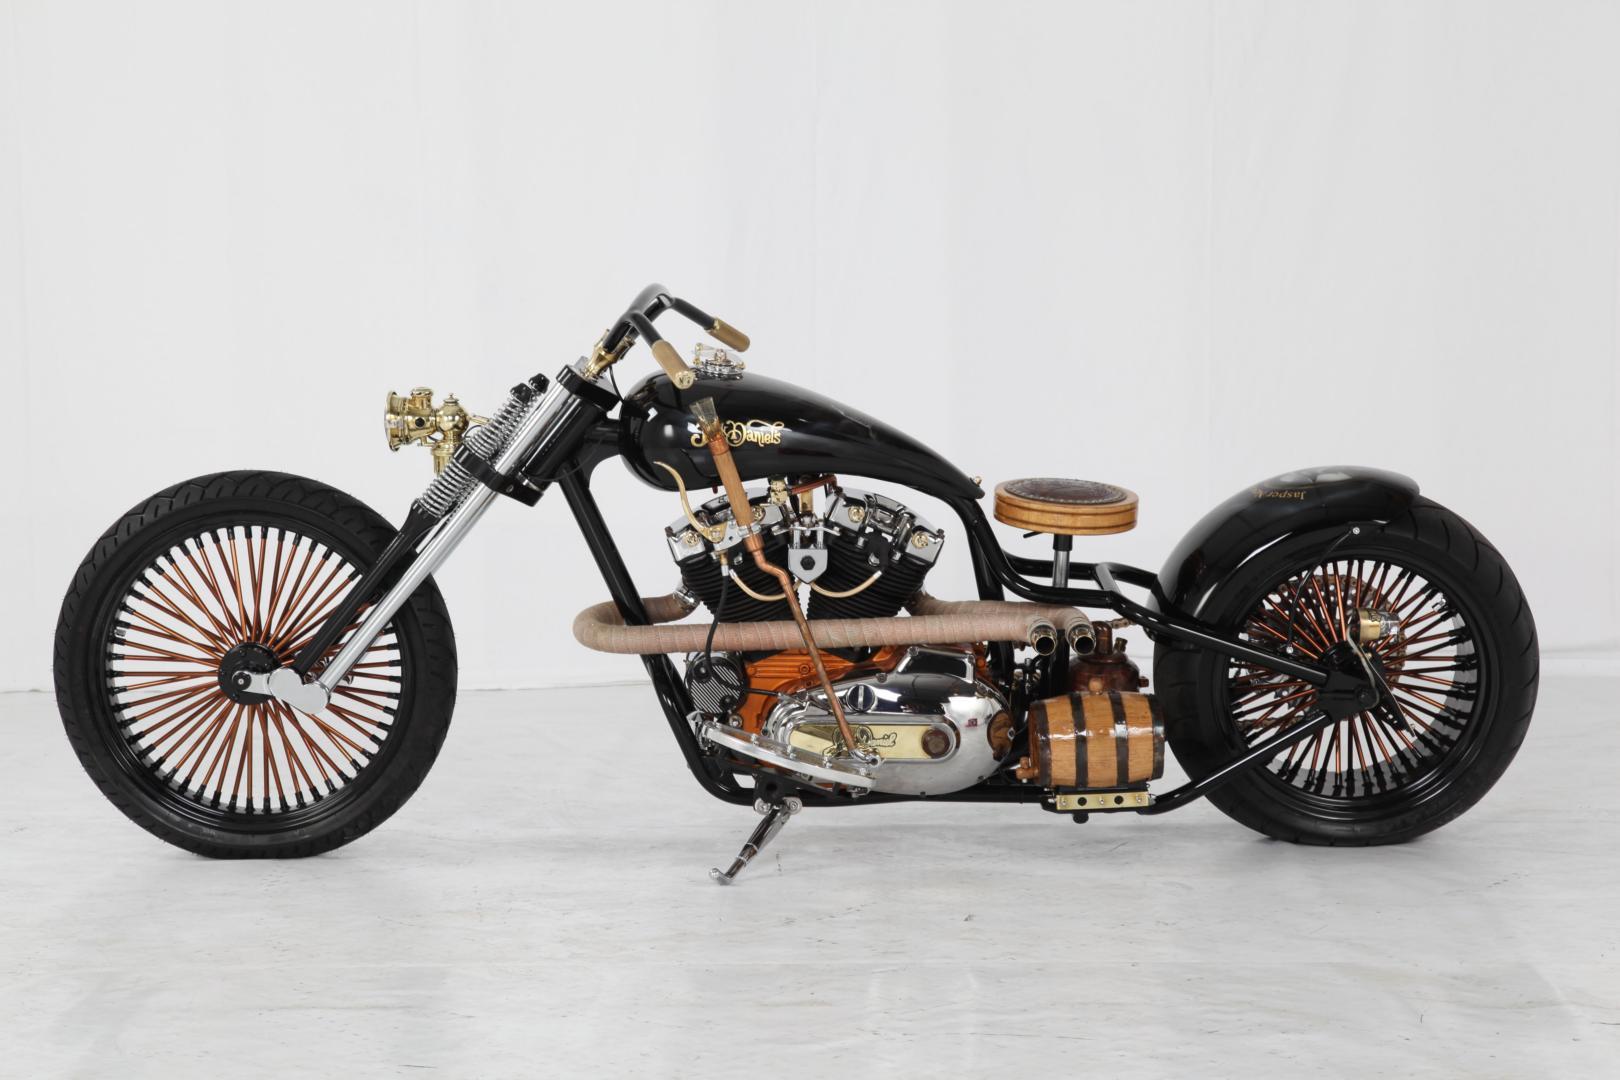 Hoosier Harley Davidson Motorcycle